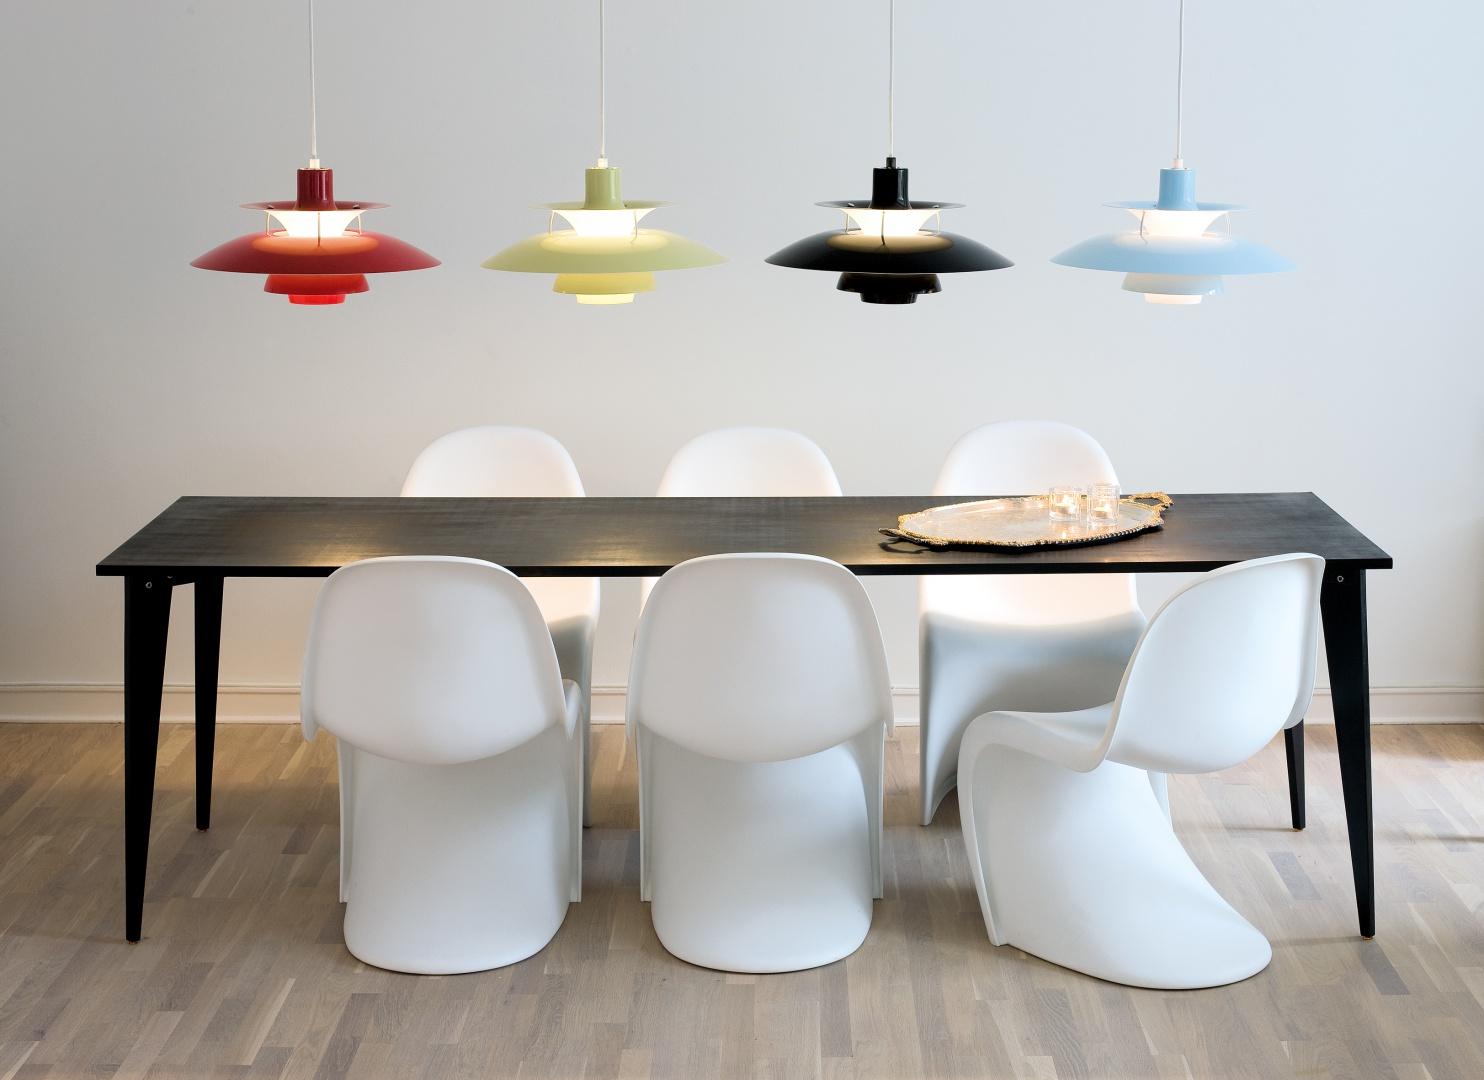 Powieszenie lamp w różnych kolorach może być ciekawym pomysłem na ożywienie nowoczesnego, czarno-białego pomieszczenia. Fot. Louis Poulsen.